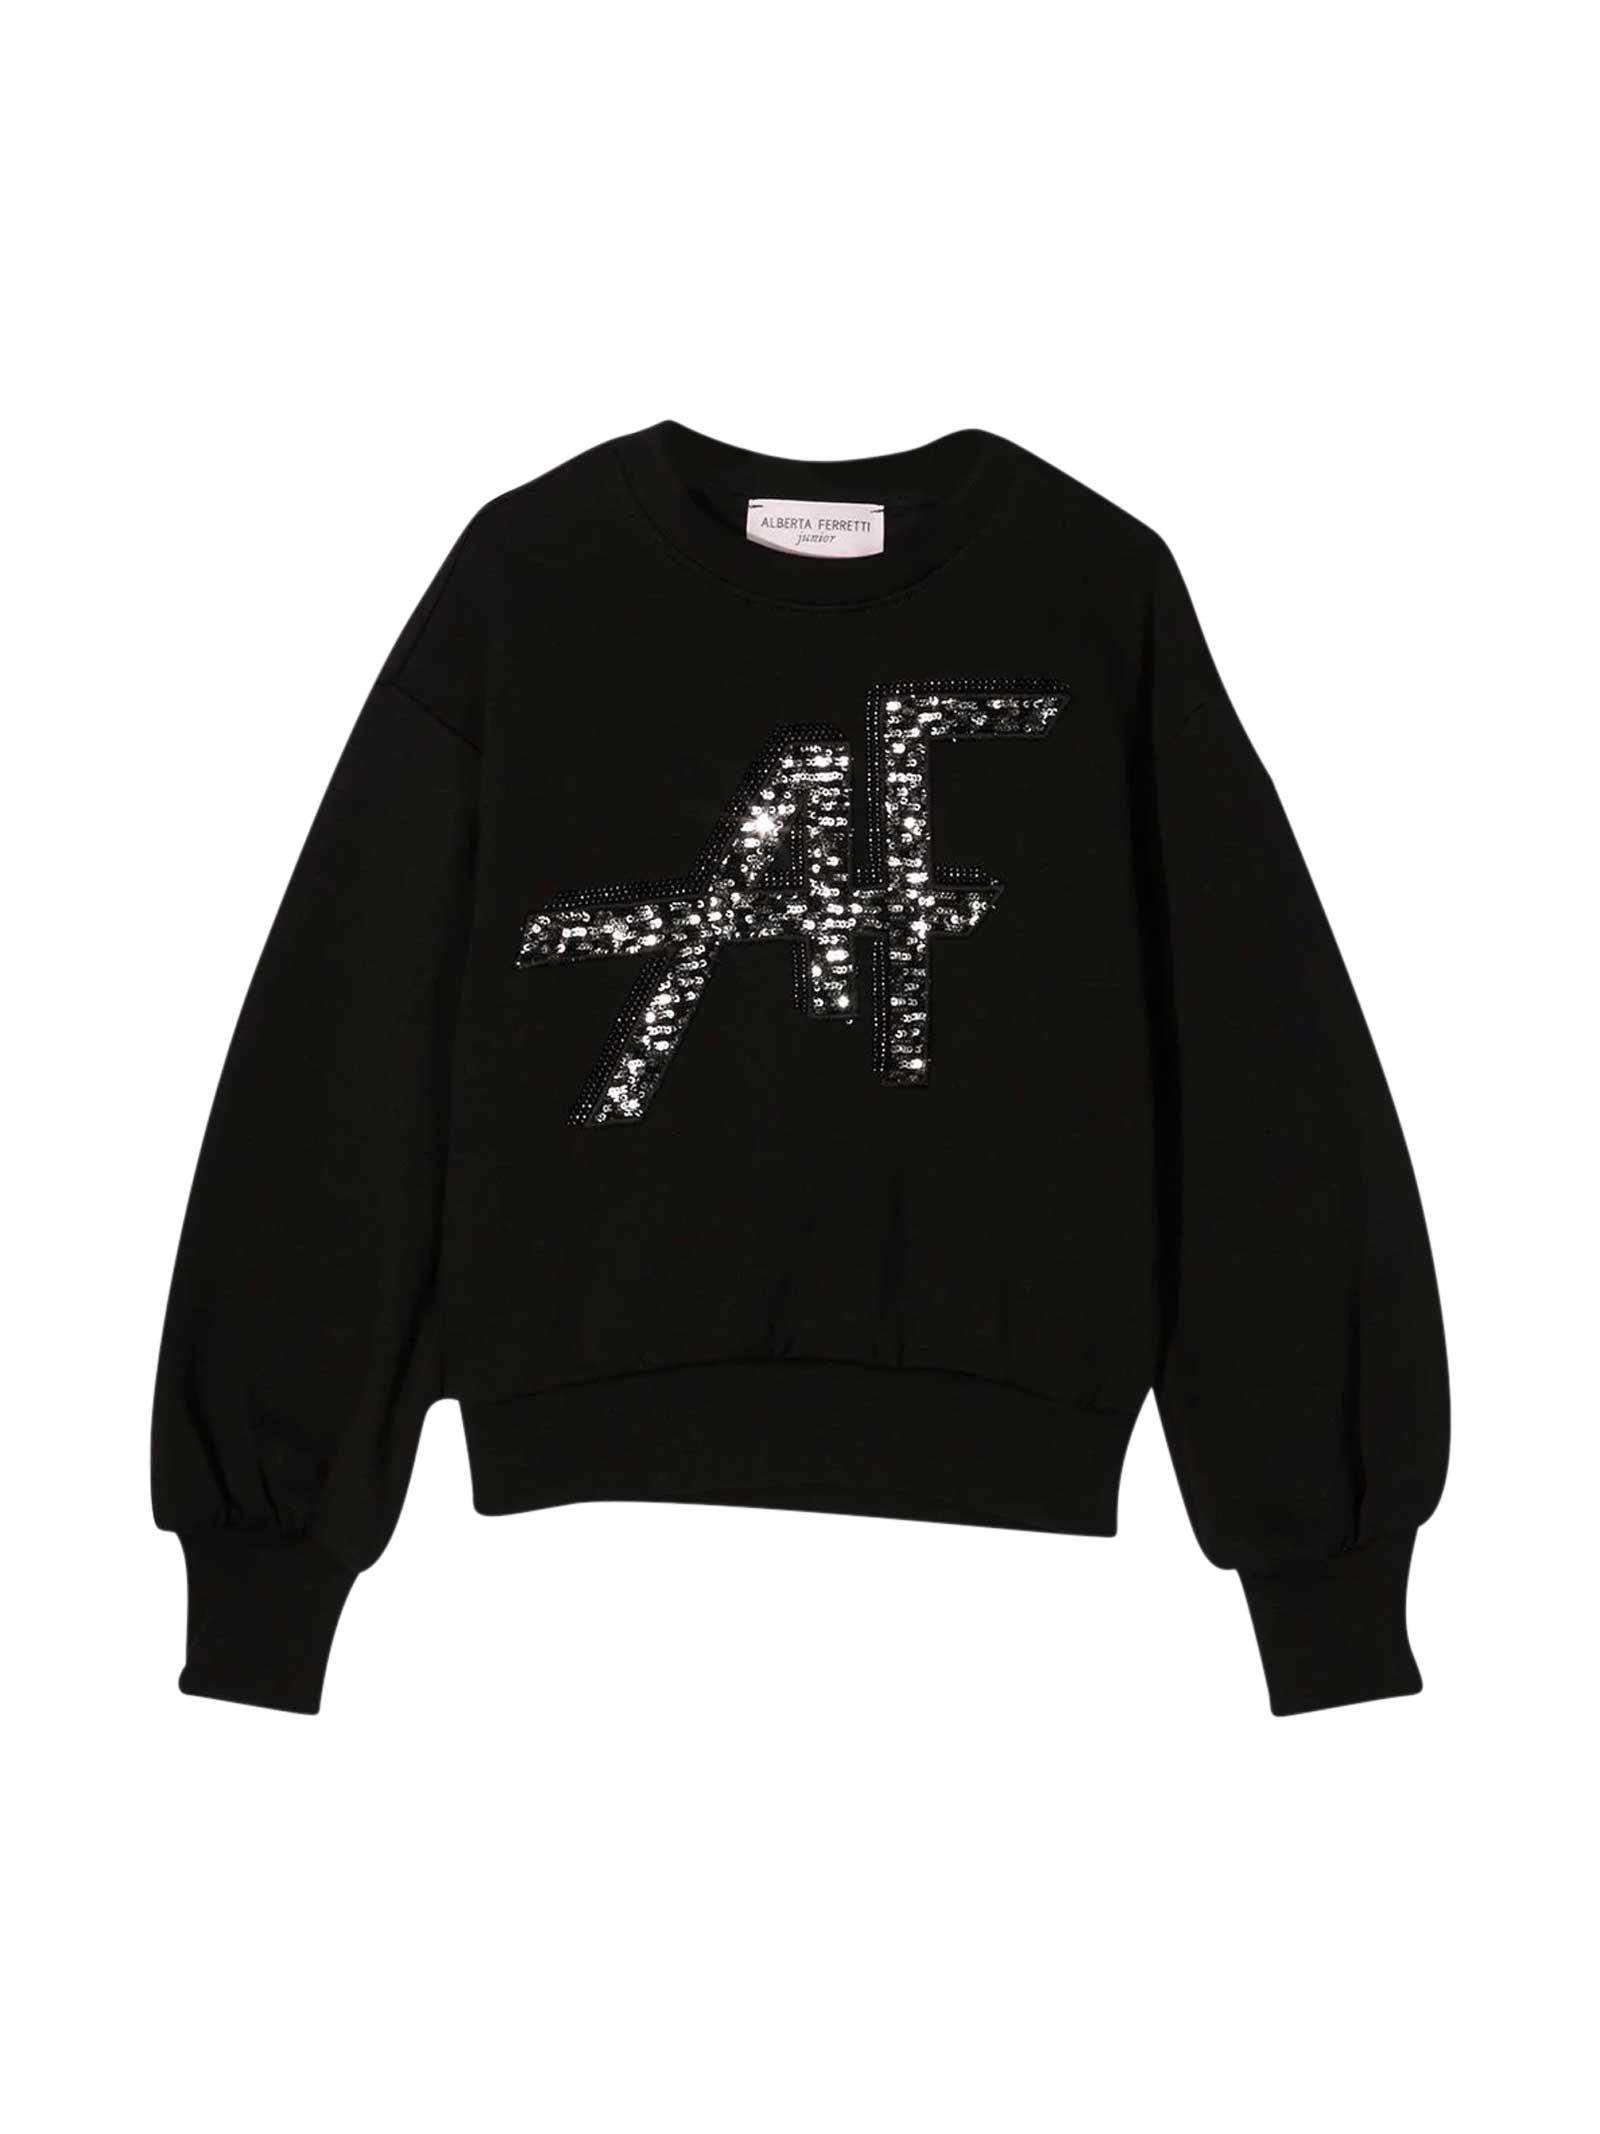 Alberta Ferretti Black Sweatshirt